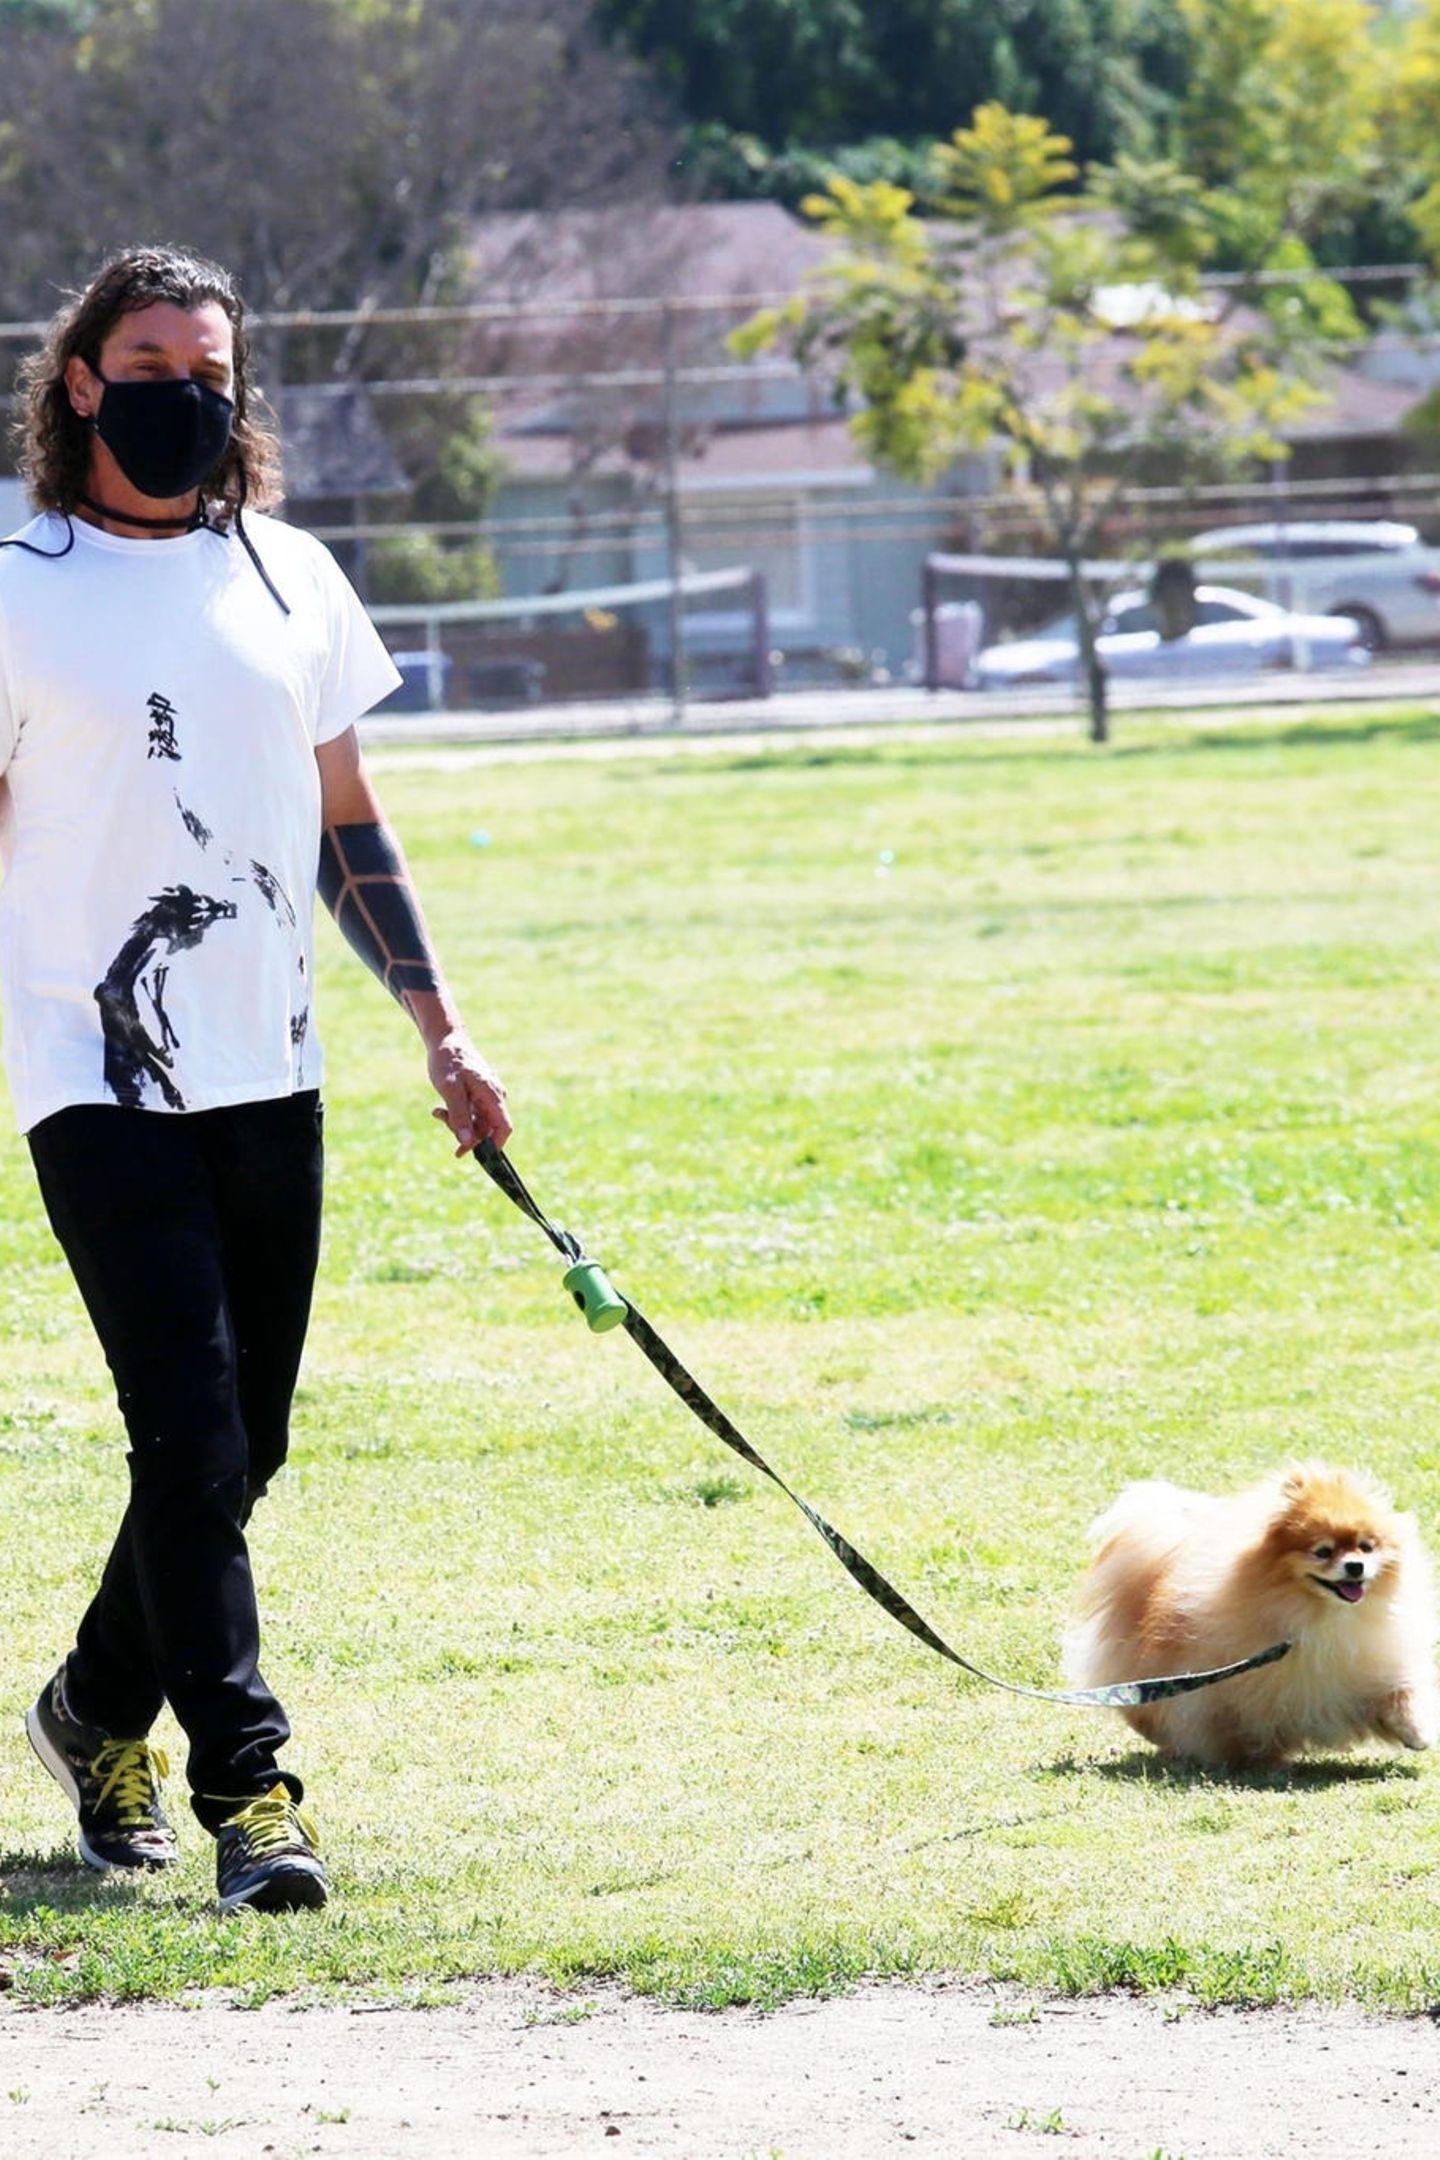 In Los Angeles wird Gavin Rossdale beim Gassigehen gesichtet. Während Hund Chewy voller Elan über die Wiese in Los Angeles flitzt, schlendert sein berühmtes Herrchen gemütlich nebenher. Lediglich die Leine verhindert, dass der flauschige Fellball außer Sicht gerät.